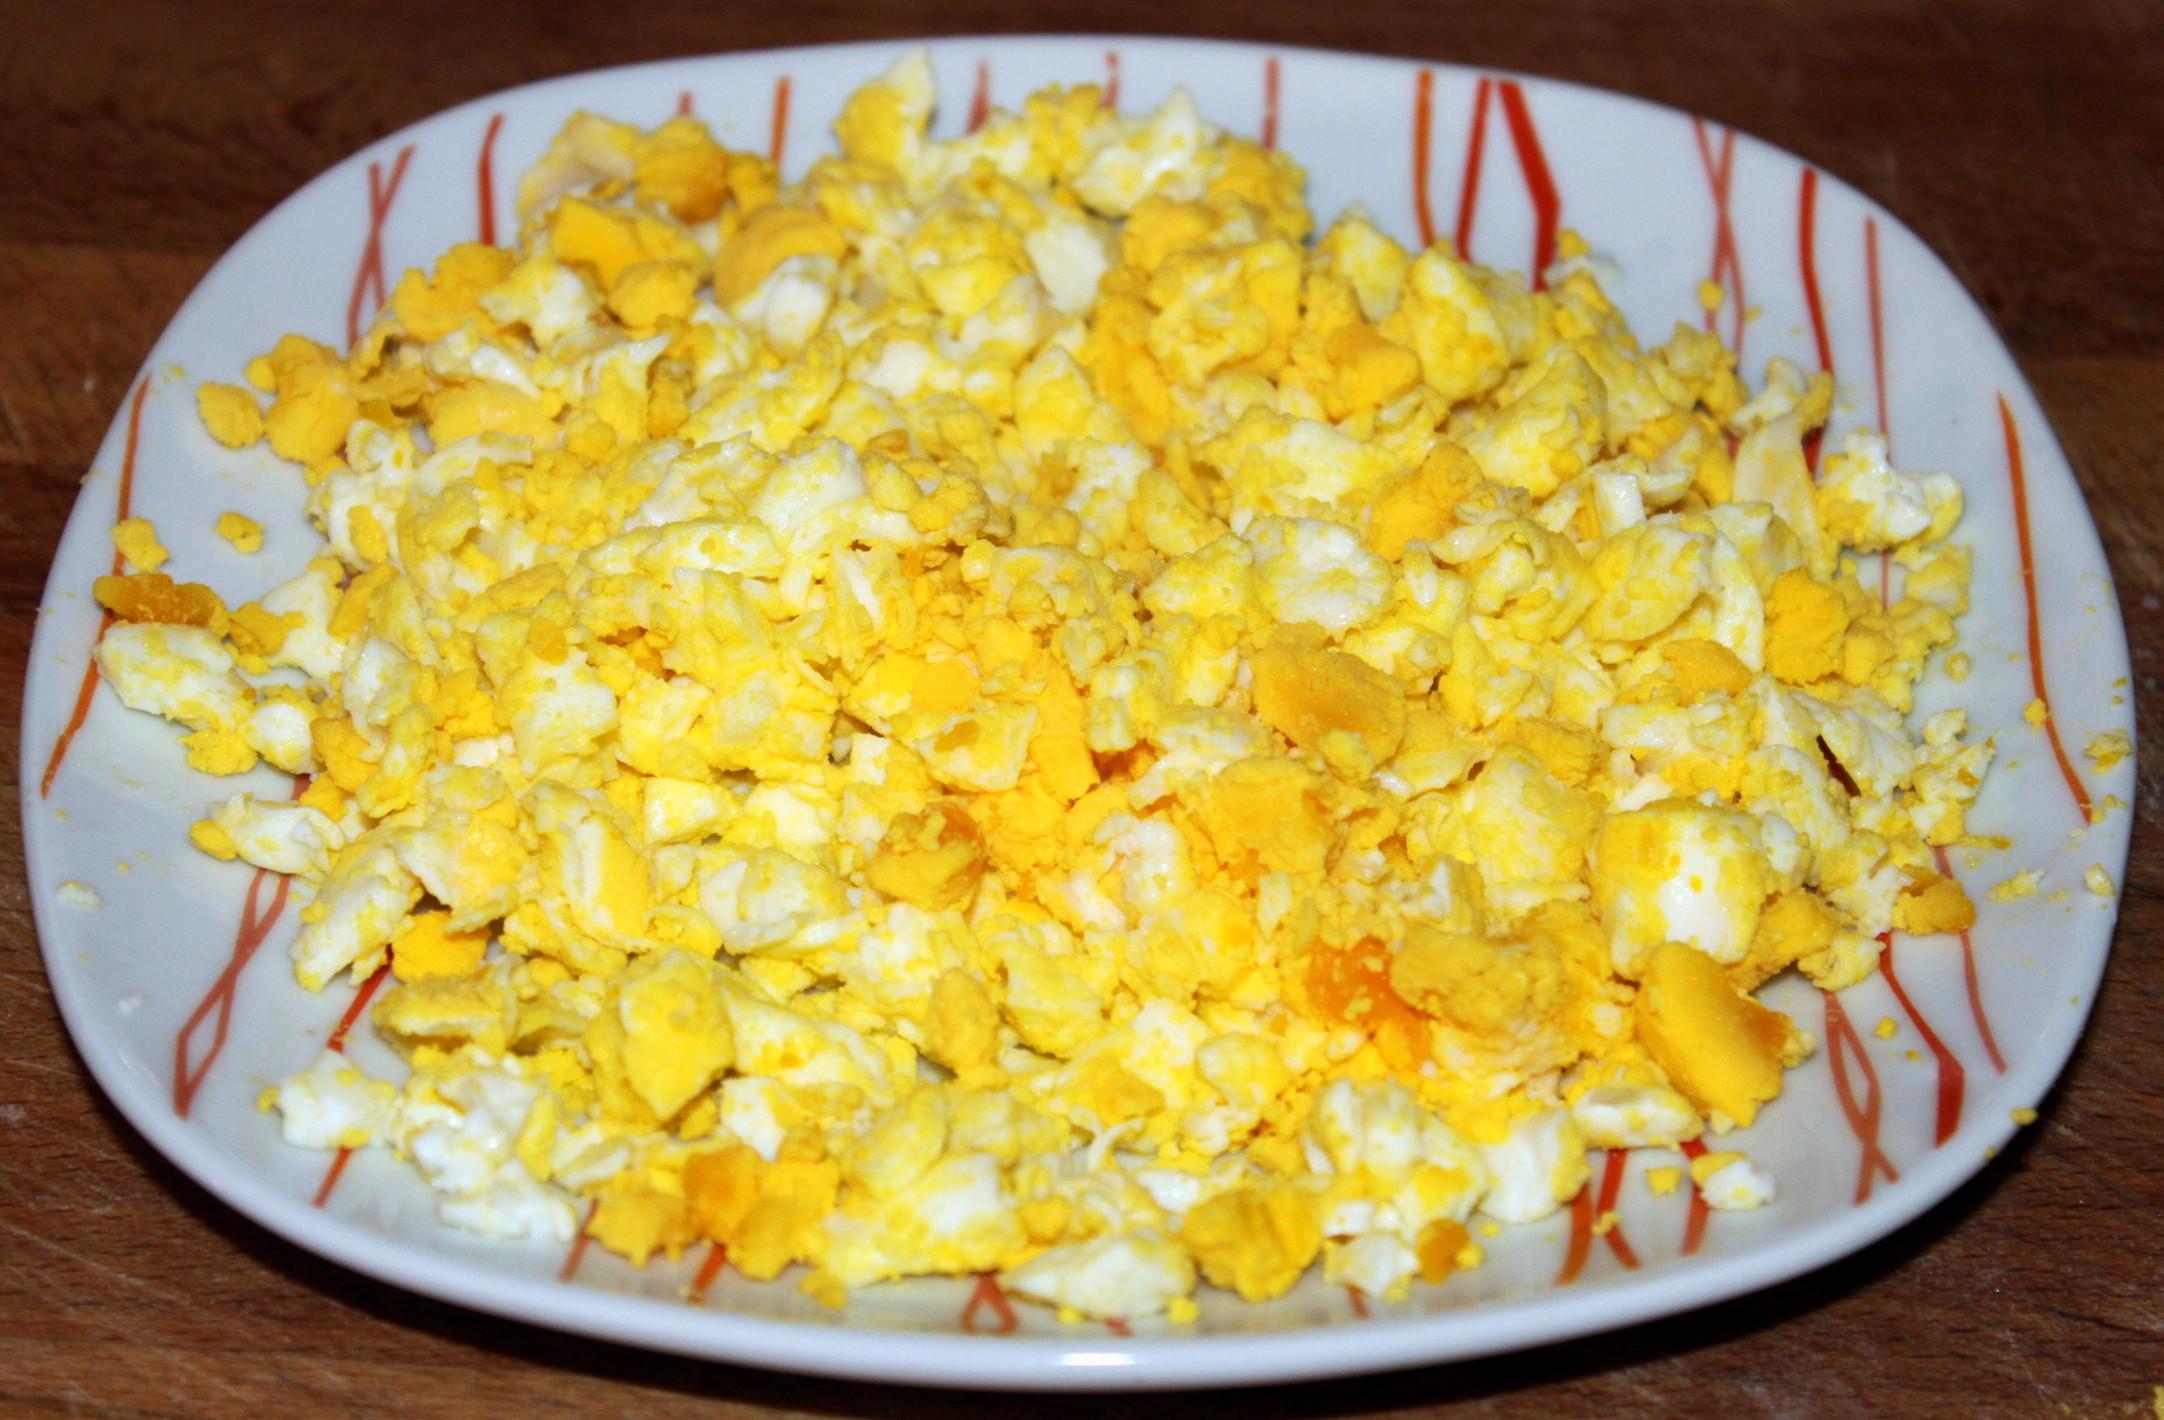 Ricette per cucinare uova sode ricette popolari sito for Cucinare 2 uova